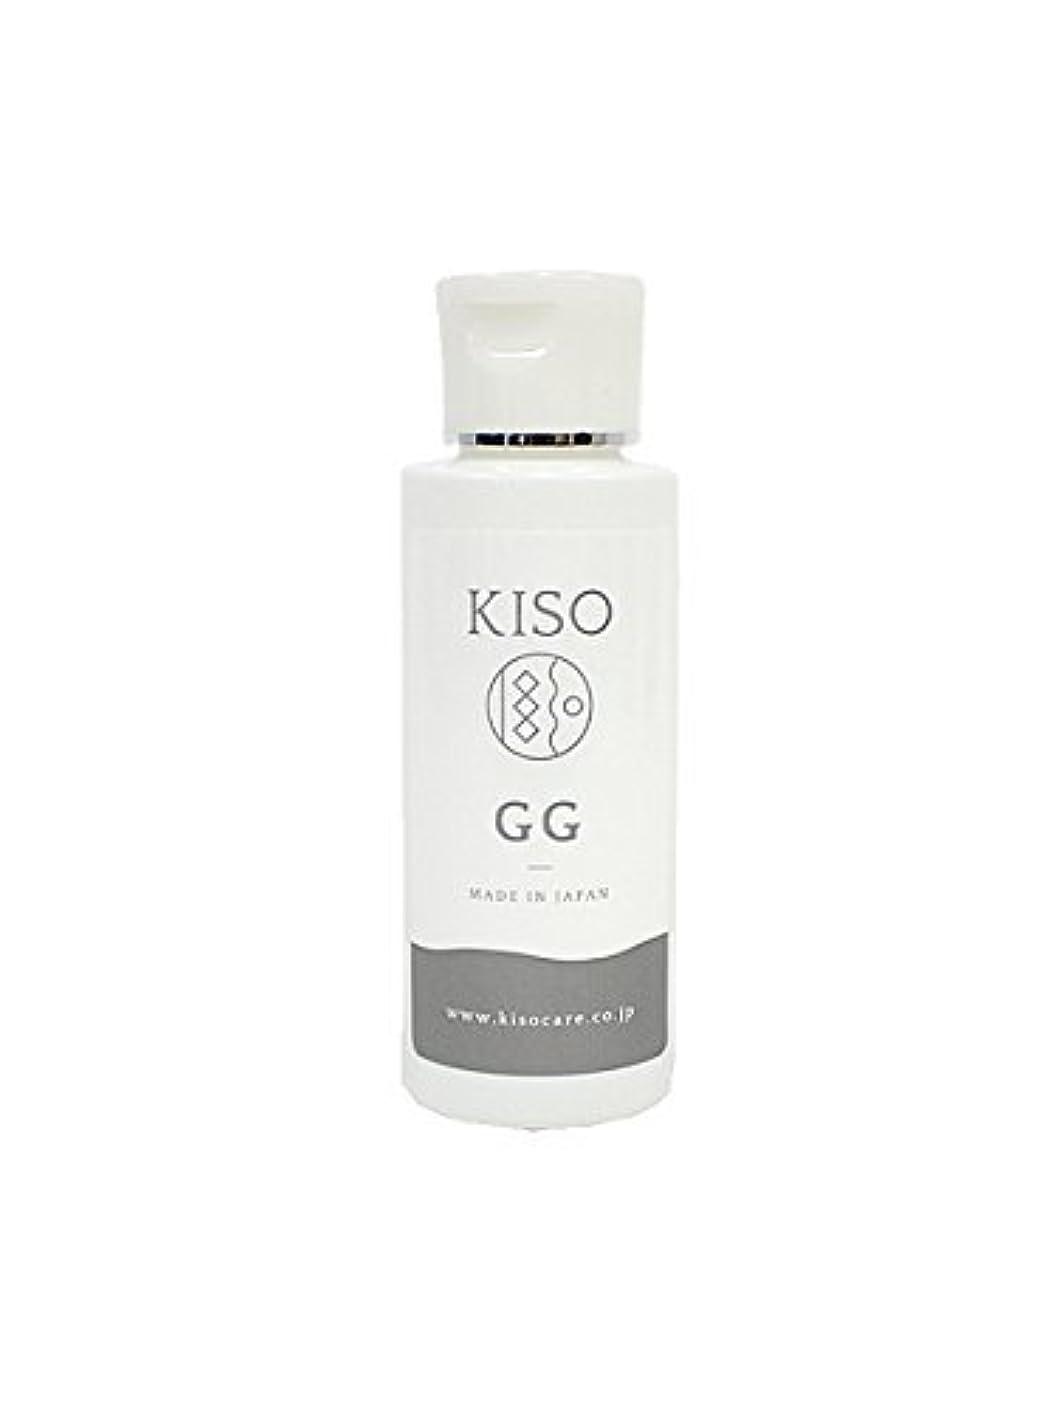 追放領事館ローマ人KISO グリシルグリシン5% 高配合美容水 【GGエッセンス 50mL】 肌のキメを整える?肌をひきしめる